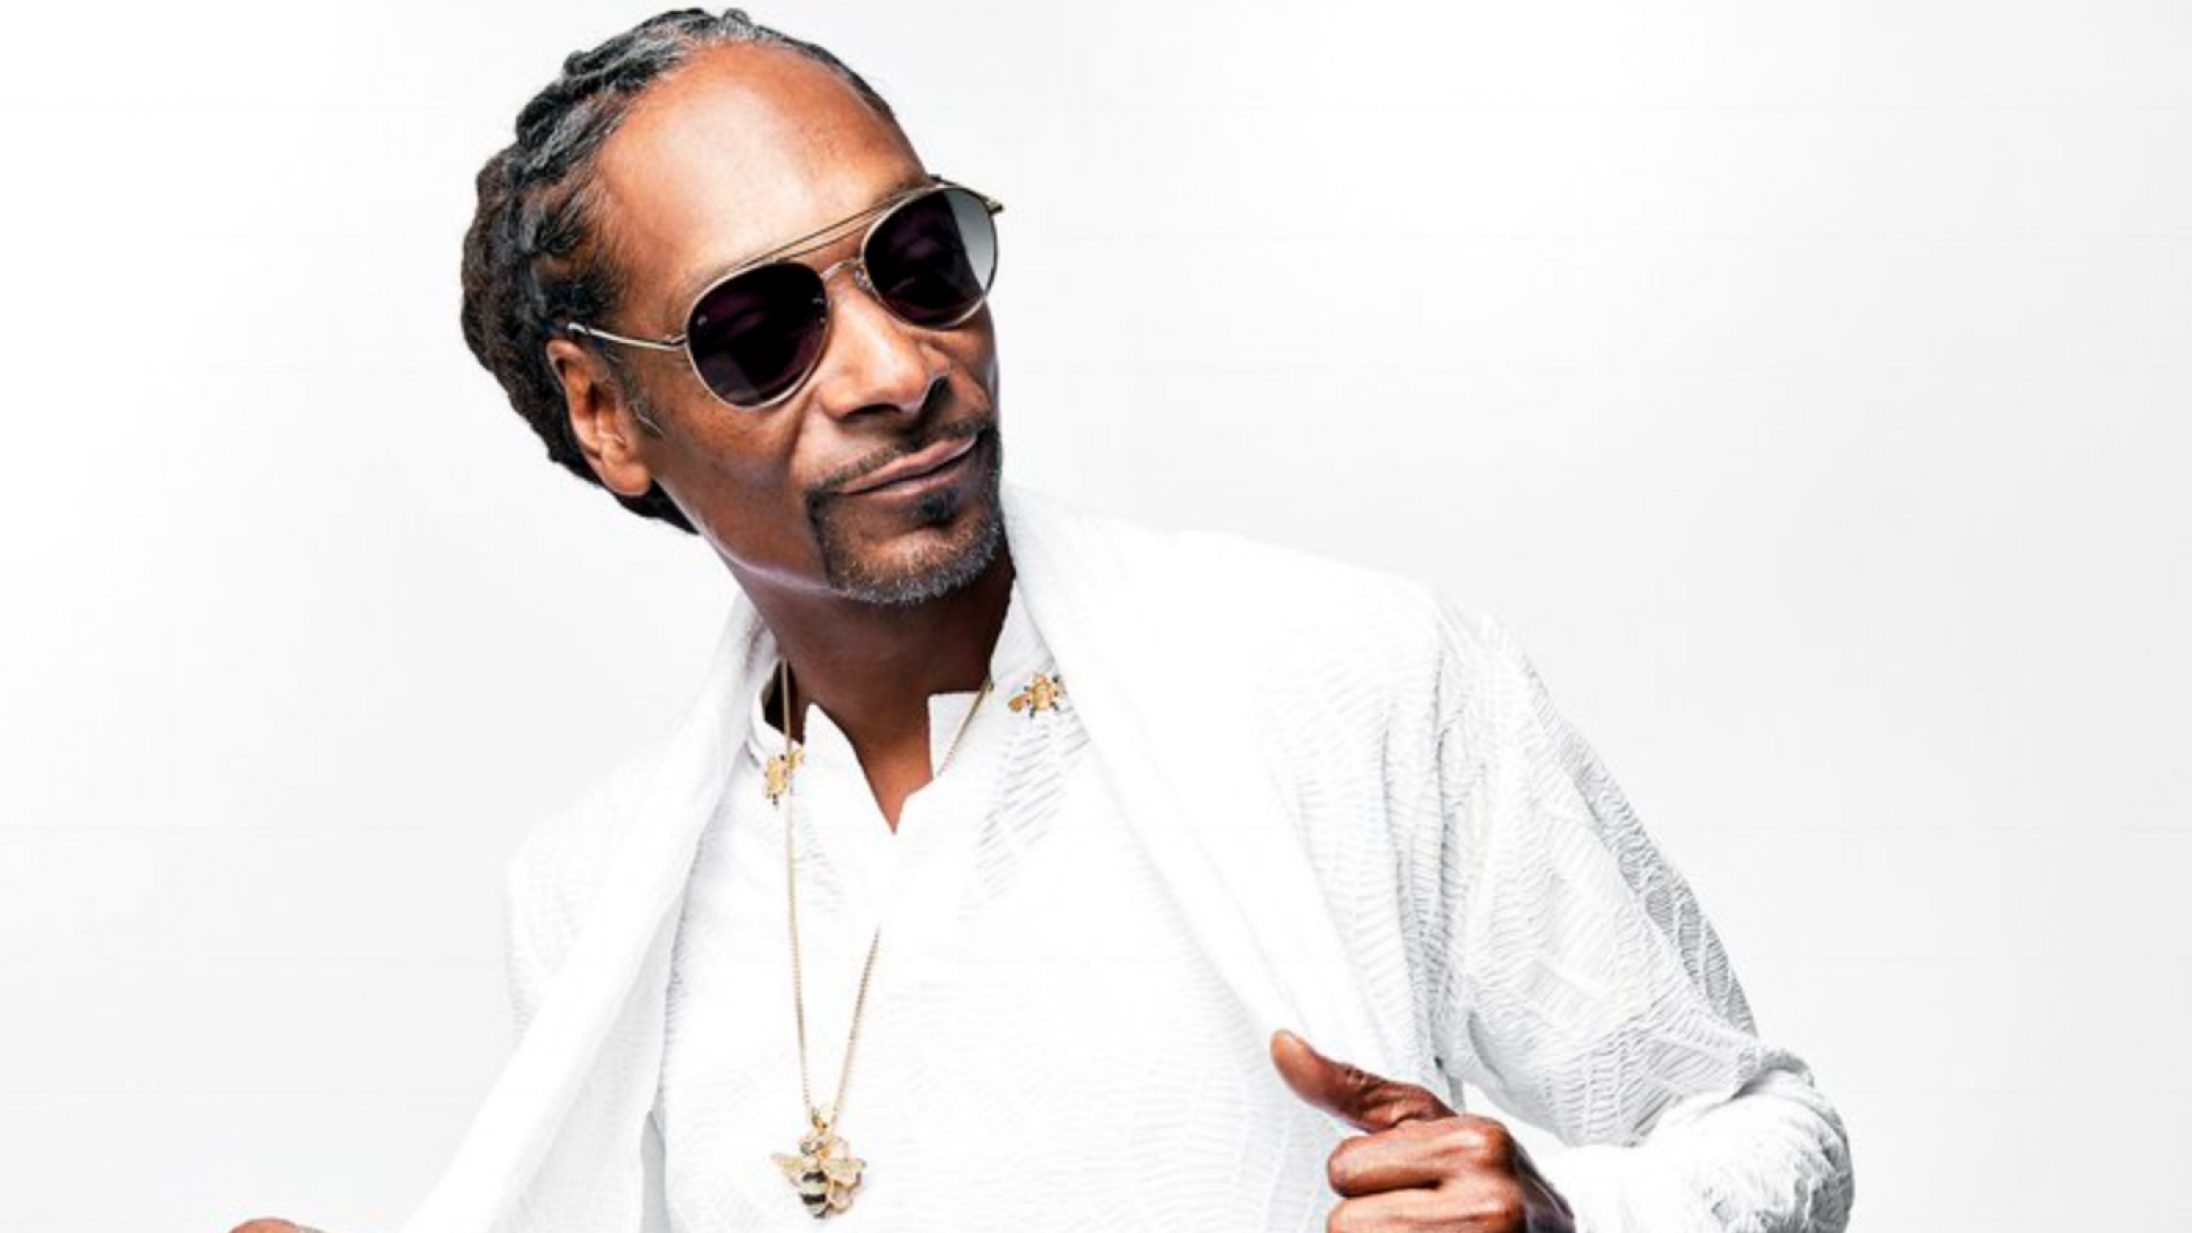 Snoop Dogg reagerer på Eminems 'Zeus'-diss: »Bed til, at jeg ikke svarer på det«